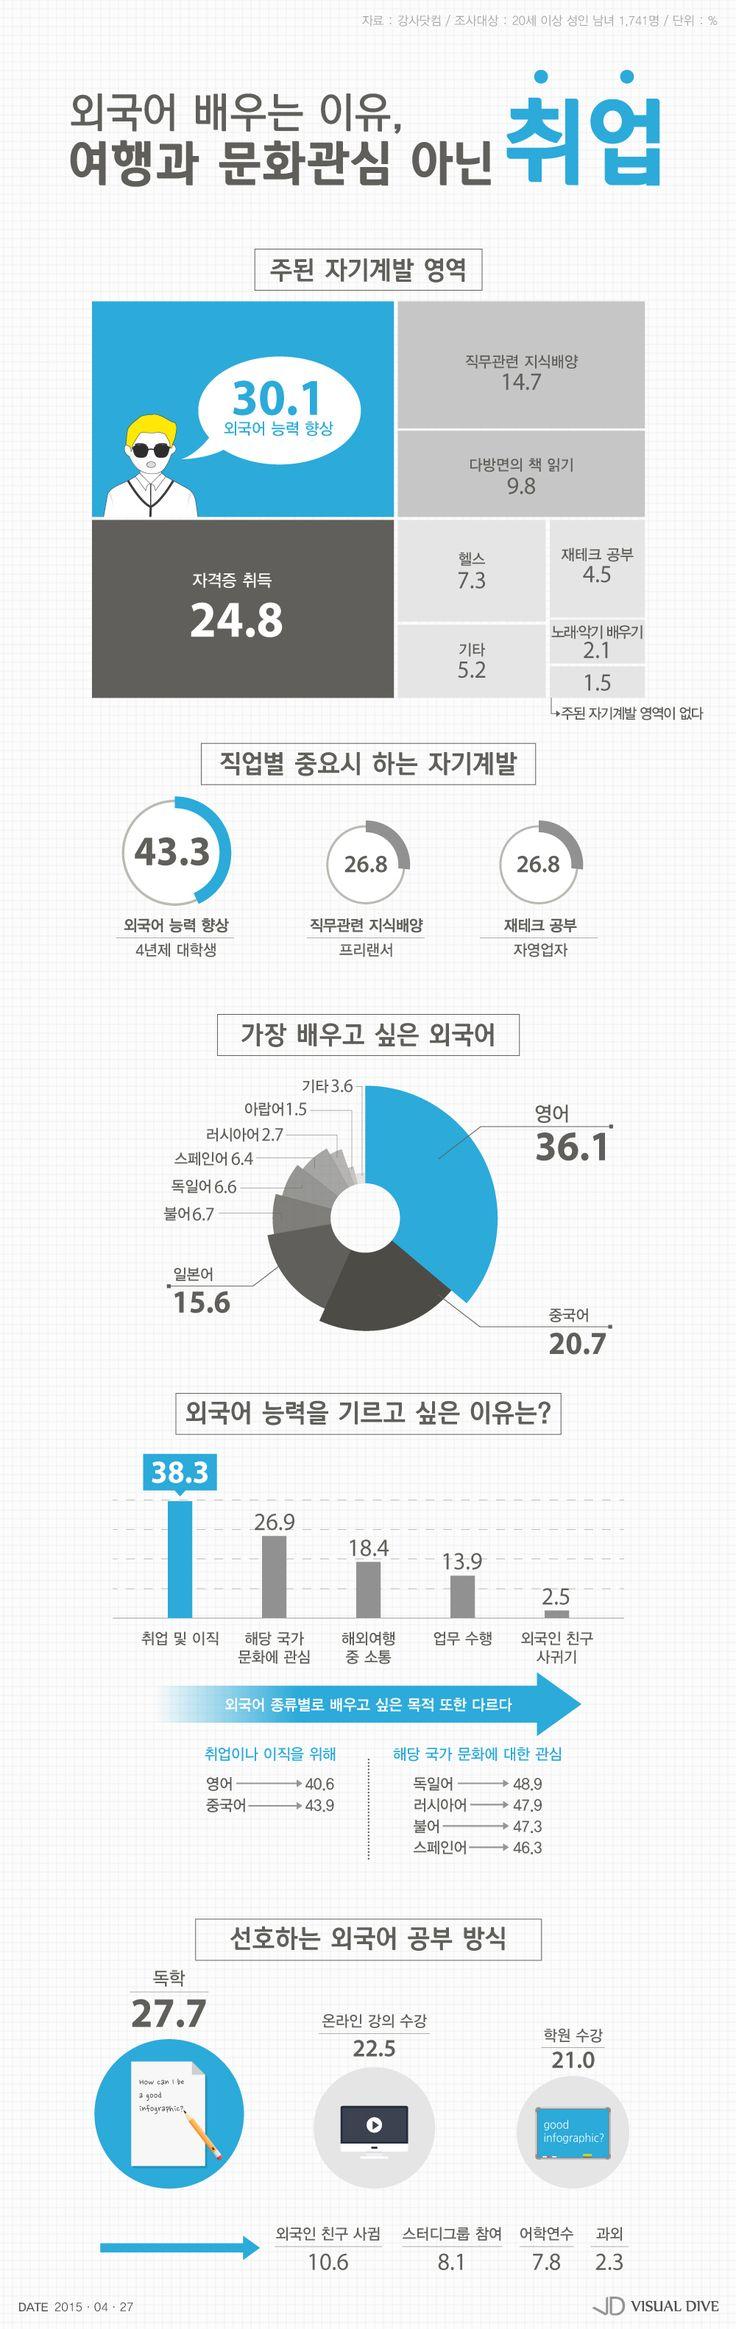 성인남녀, 주된 자기계발 영역은 외국어 학습…배우는 이유는 '취업 때문에' [인포그래픽] #self-improvement / #Infographic ⓒ 비주얼다이브 무단 복사·전재·재배포 금지